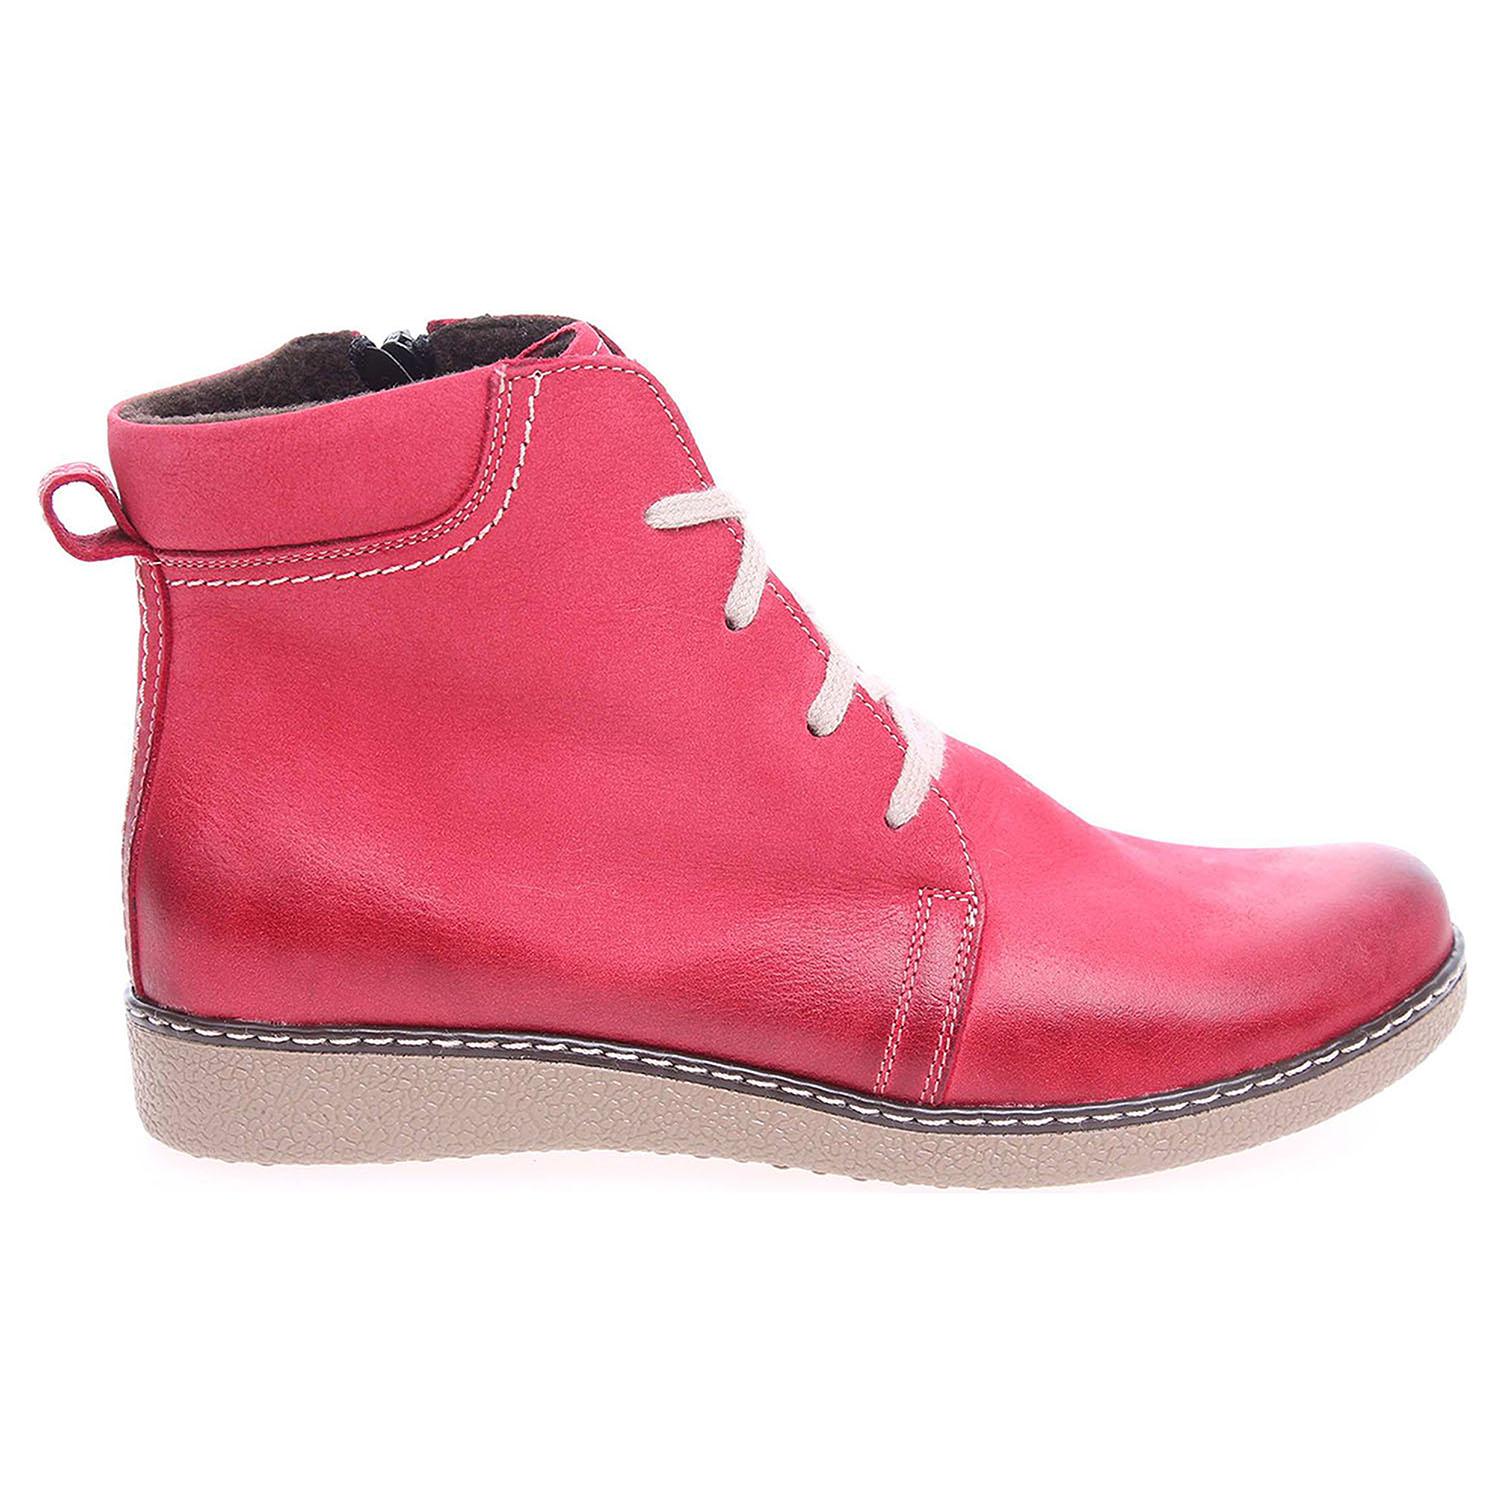 Dámská kotníková obuv J3171C červená 37